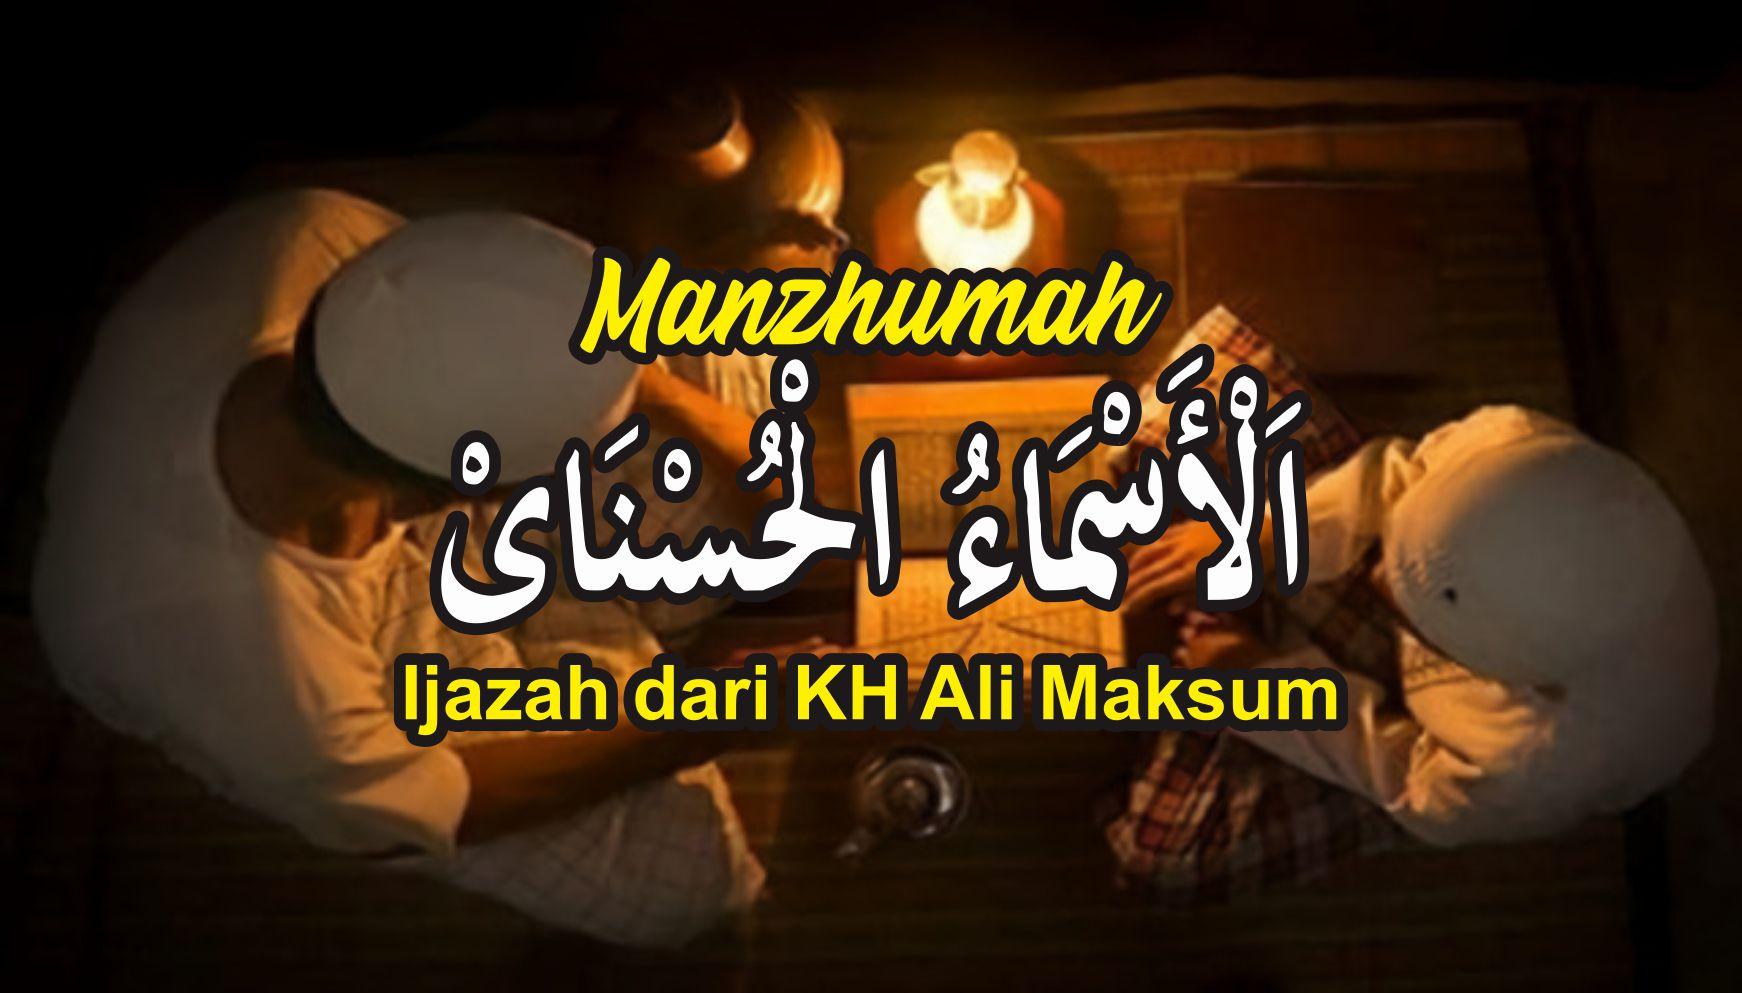 Manzhumah Asmaul Husna, Ijazah dari KH Ali Maksum